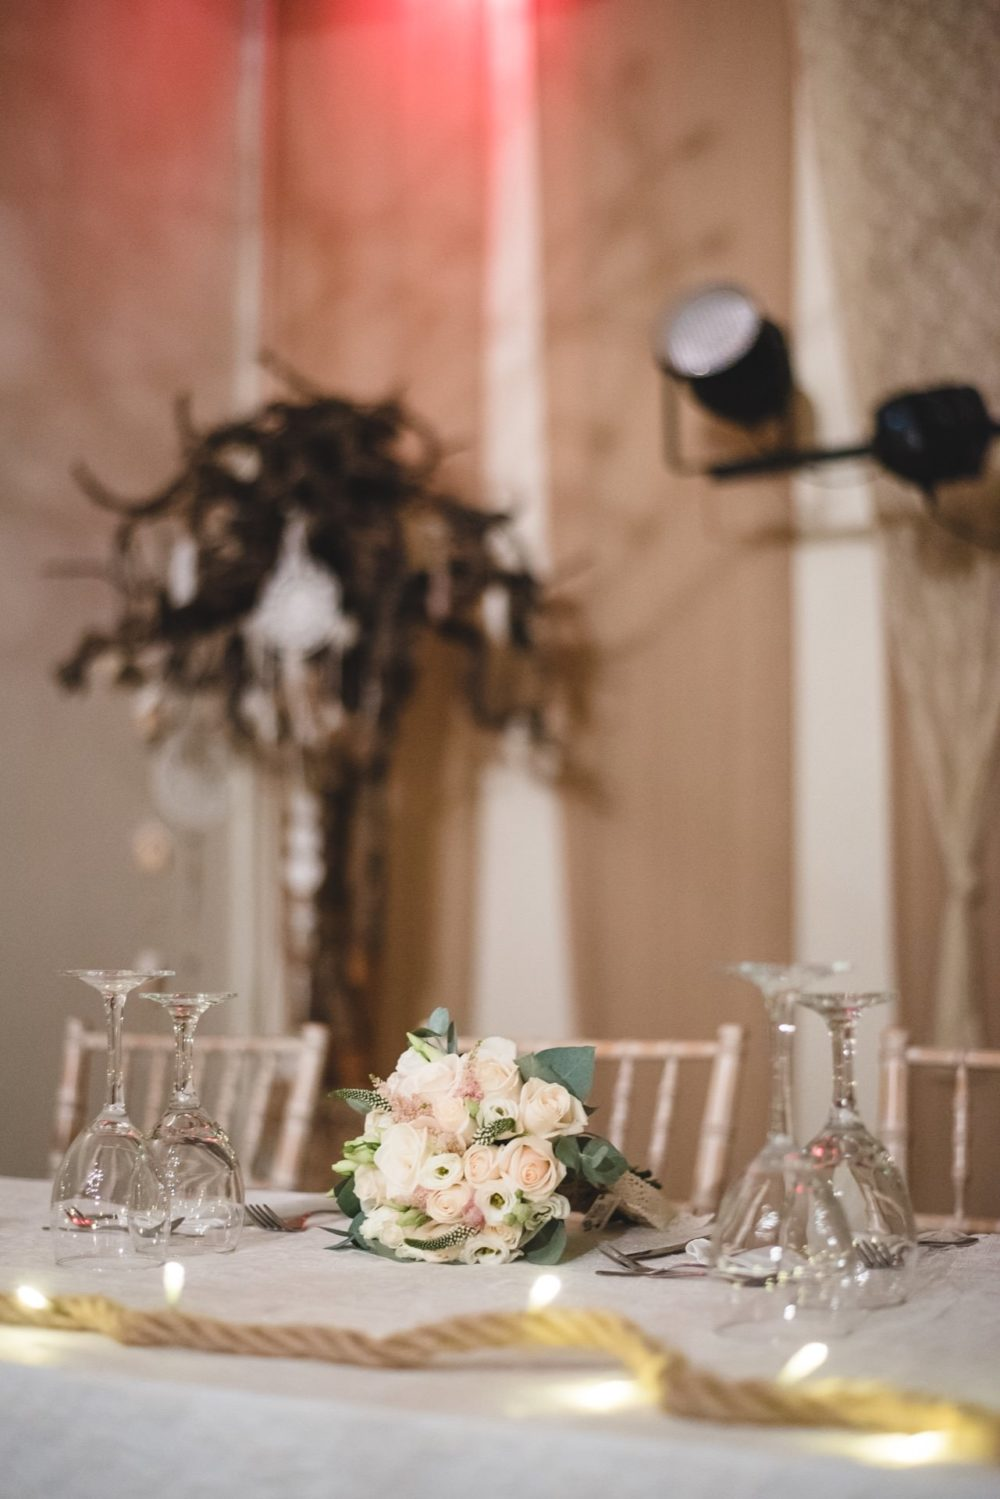 Fotografisi Gamou Wedding Gamos Fotografos Ilias & Dimitra095